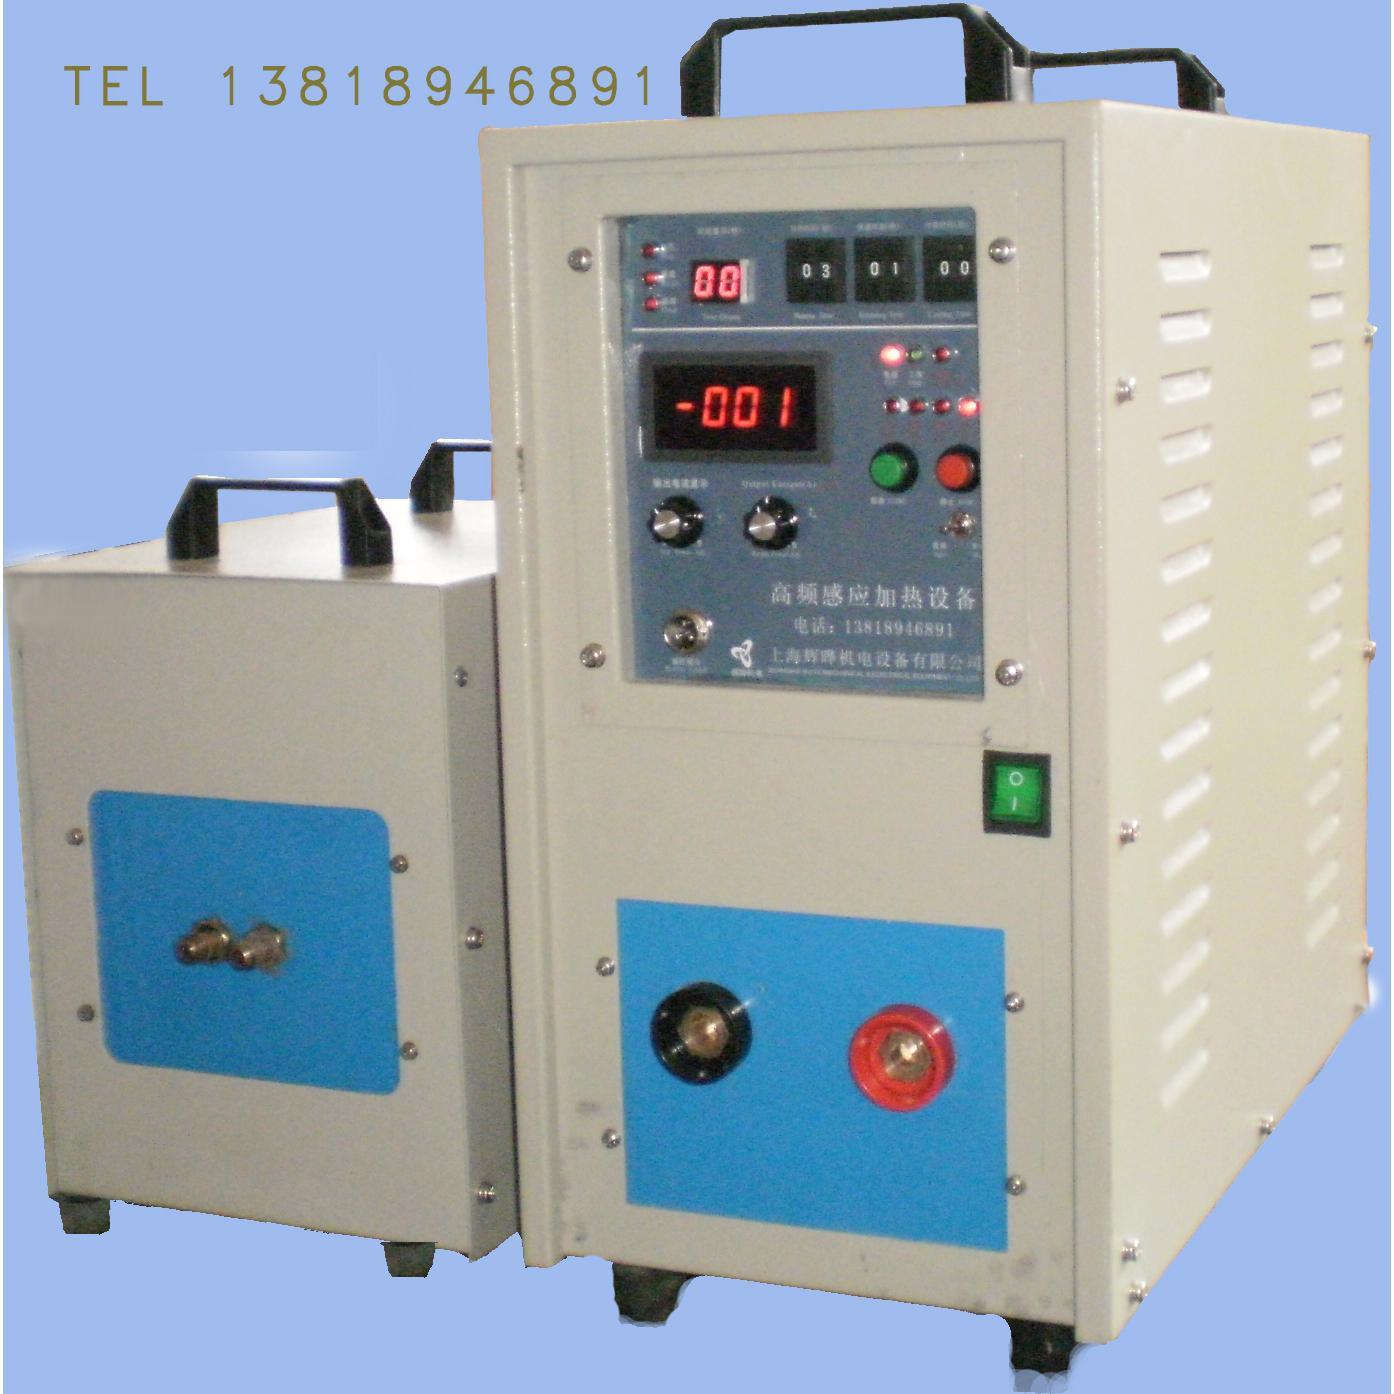 高频感应加热设备特点: 1、采用最新MOS、IGBT变频控制技术,高效节能,输出功率大。 2、具备恒定电流和恒定功率控制能力,极大地优化了金属的加热过程,实现高效快速的加热,产品的优越性得到充分发挥。 3、具有加热-保温-冷却三段时间设定功能,加热保温功能单独调节,可获得所需的加热保温过程,适应批量化、重复性的加热场所。 4、多达十种包括过流、过压、欠水、缺相等在内的故障状态保护和显示,提供更高的可靠性和耐用性。 5、安全可靠,设备无万伏高压,操作安全。 6、百分之百的满负载设计,可连续24小时不间断工